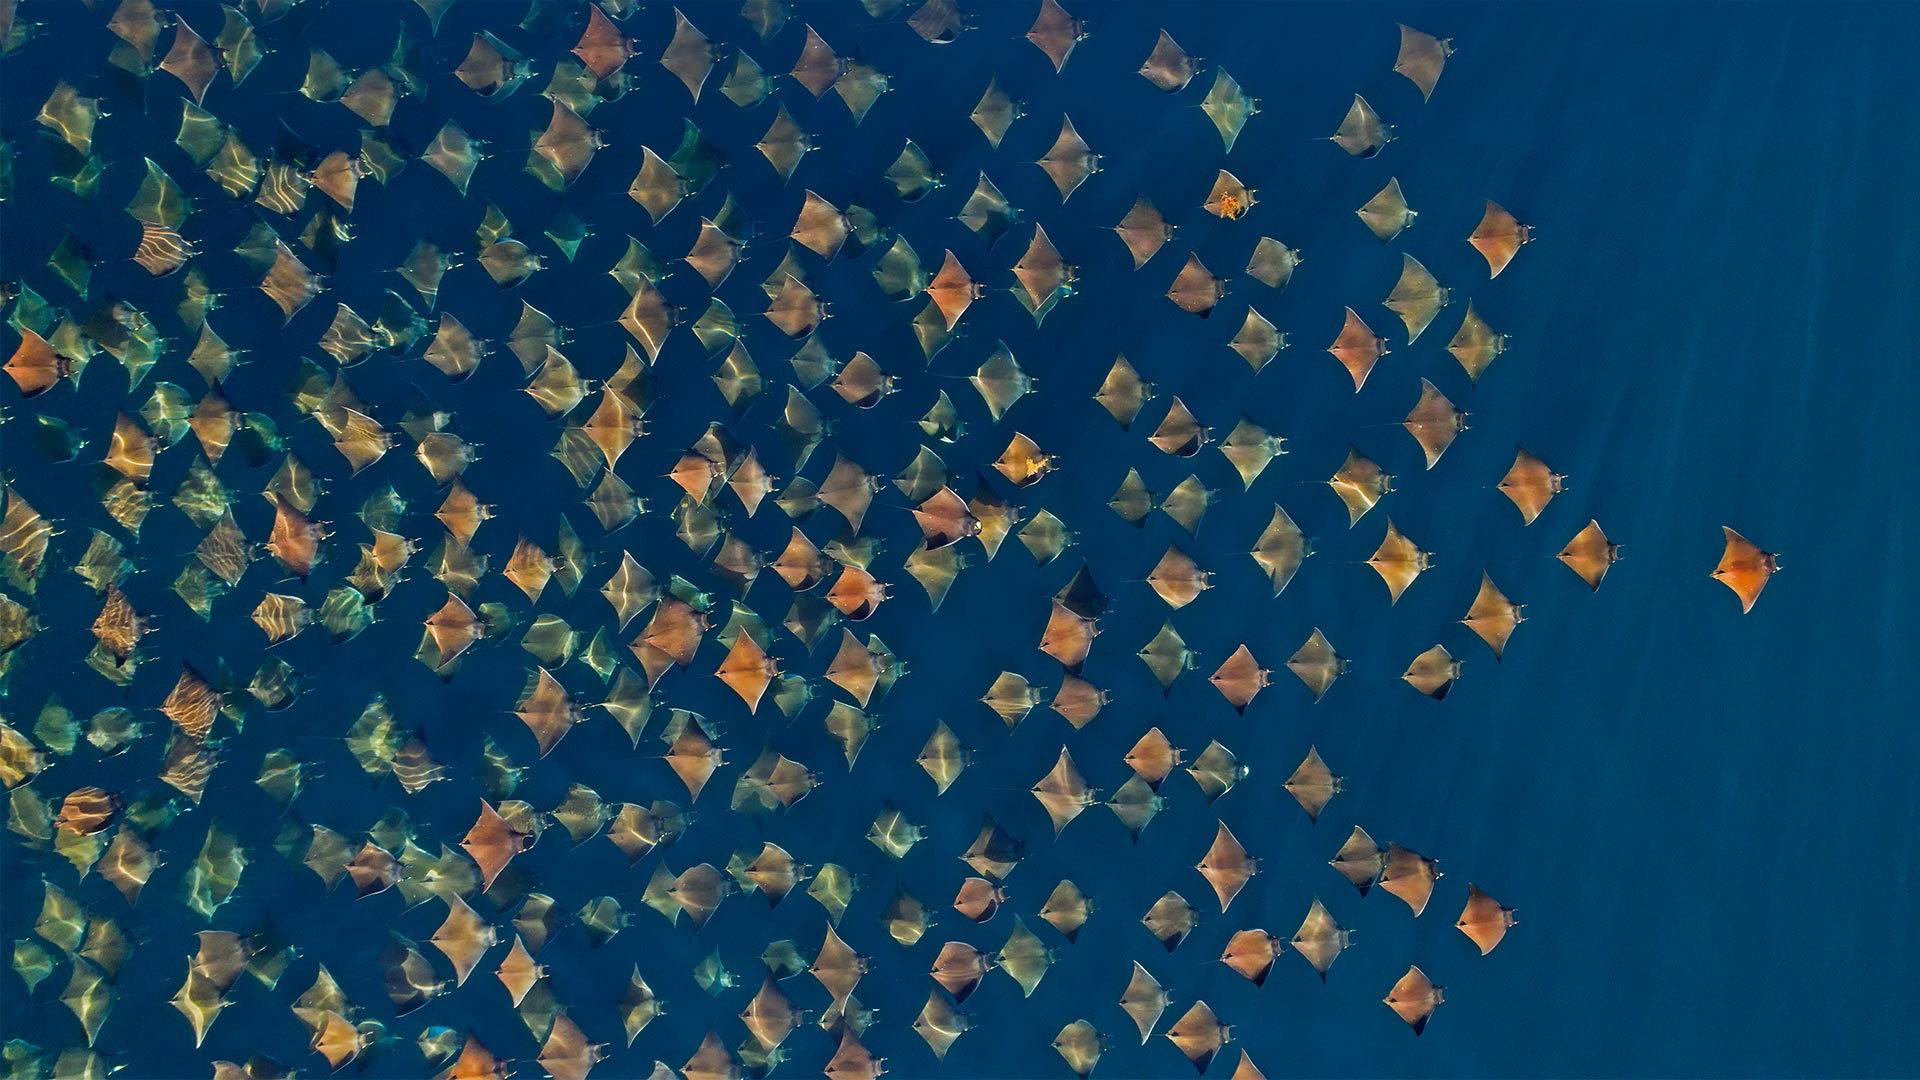 大群的芒基蝠鲼跃出水面蝠鲼